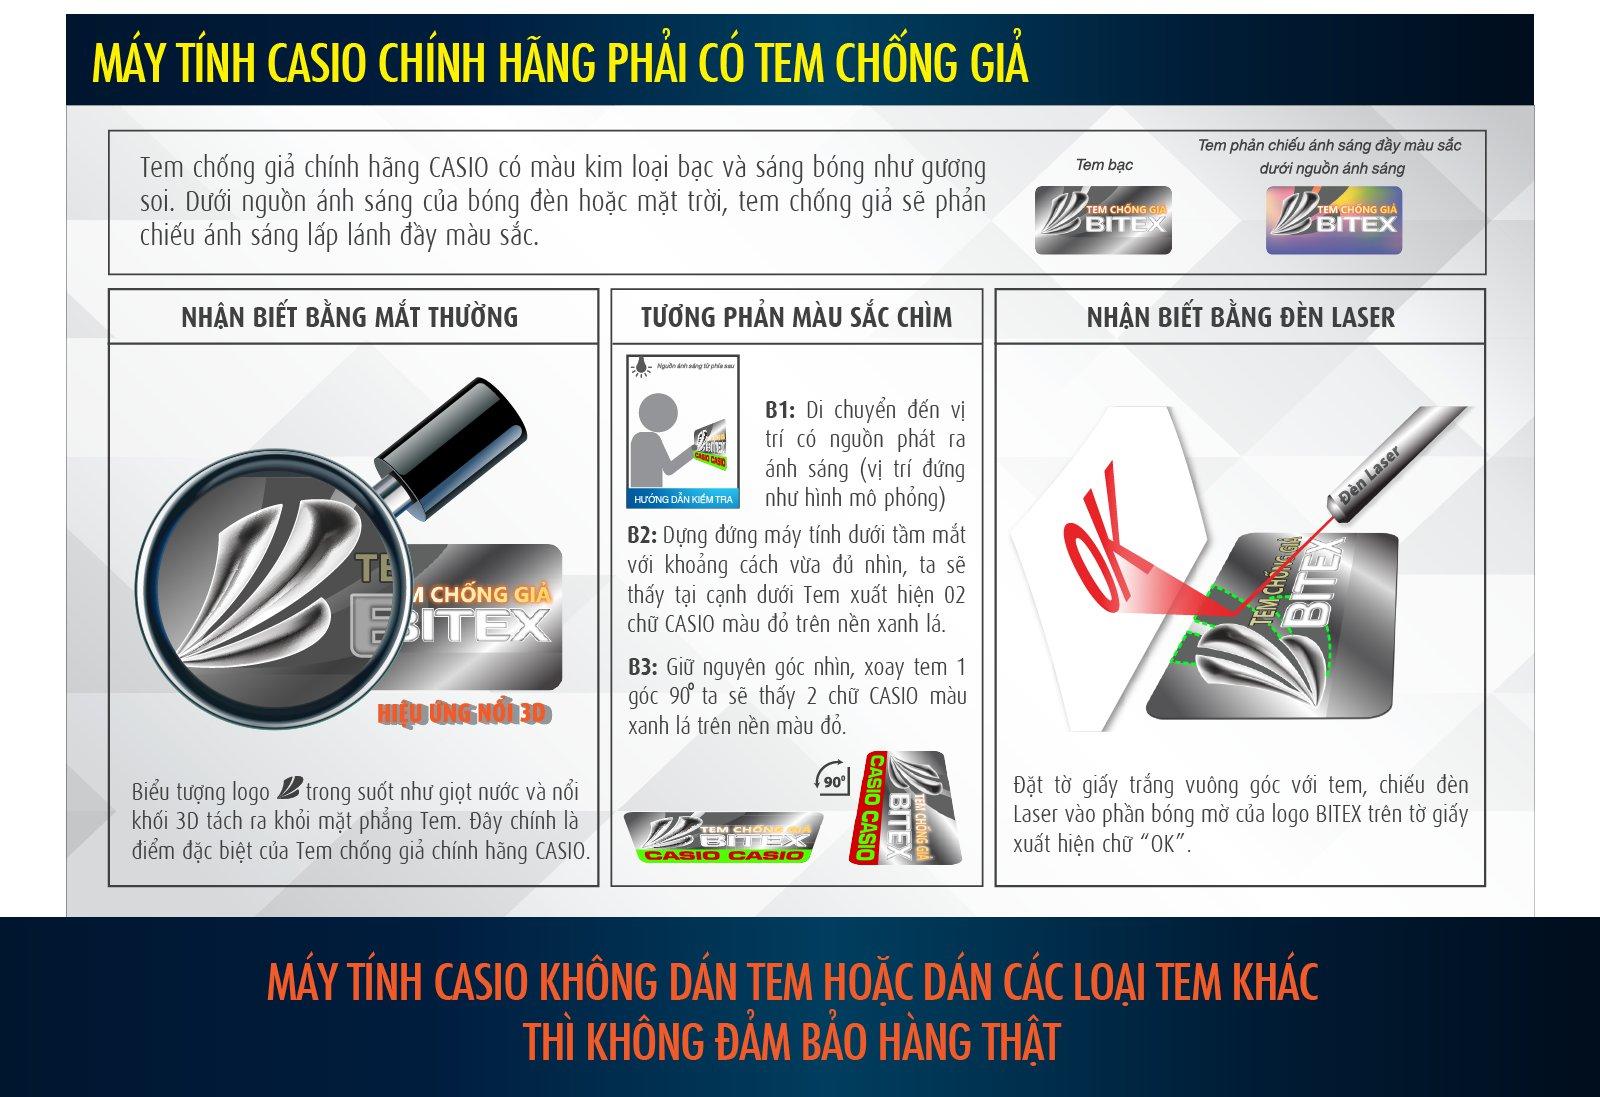 Cách kiểm tra máy tính Casio fx 580VNX - Ảnh 1